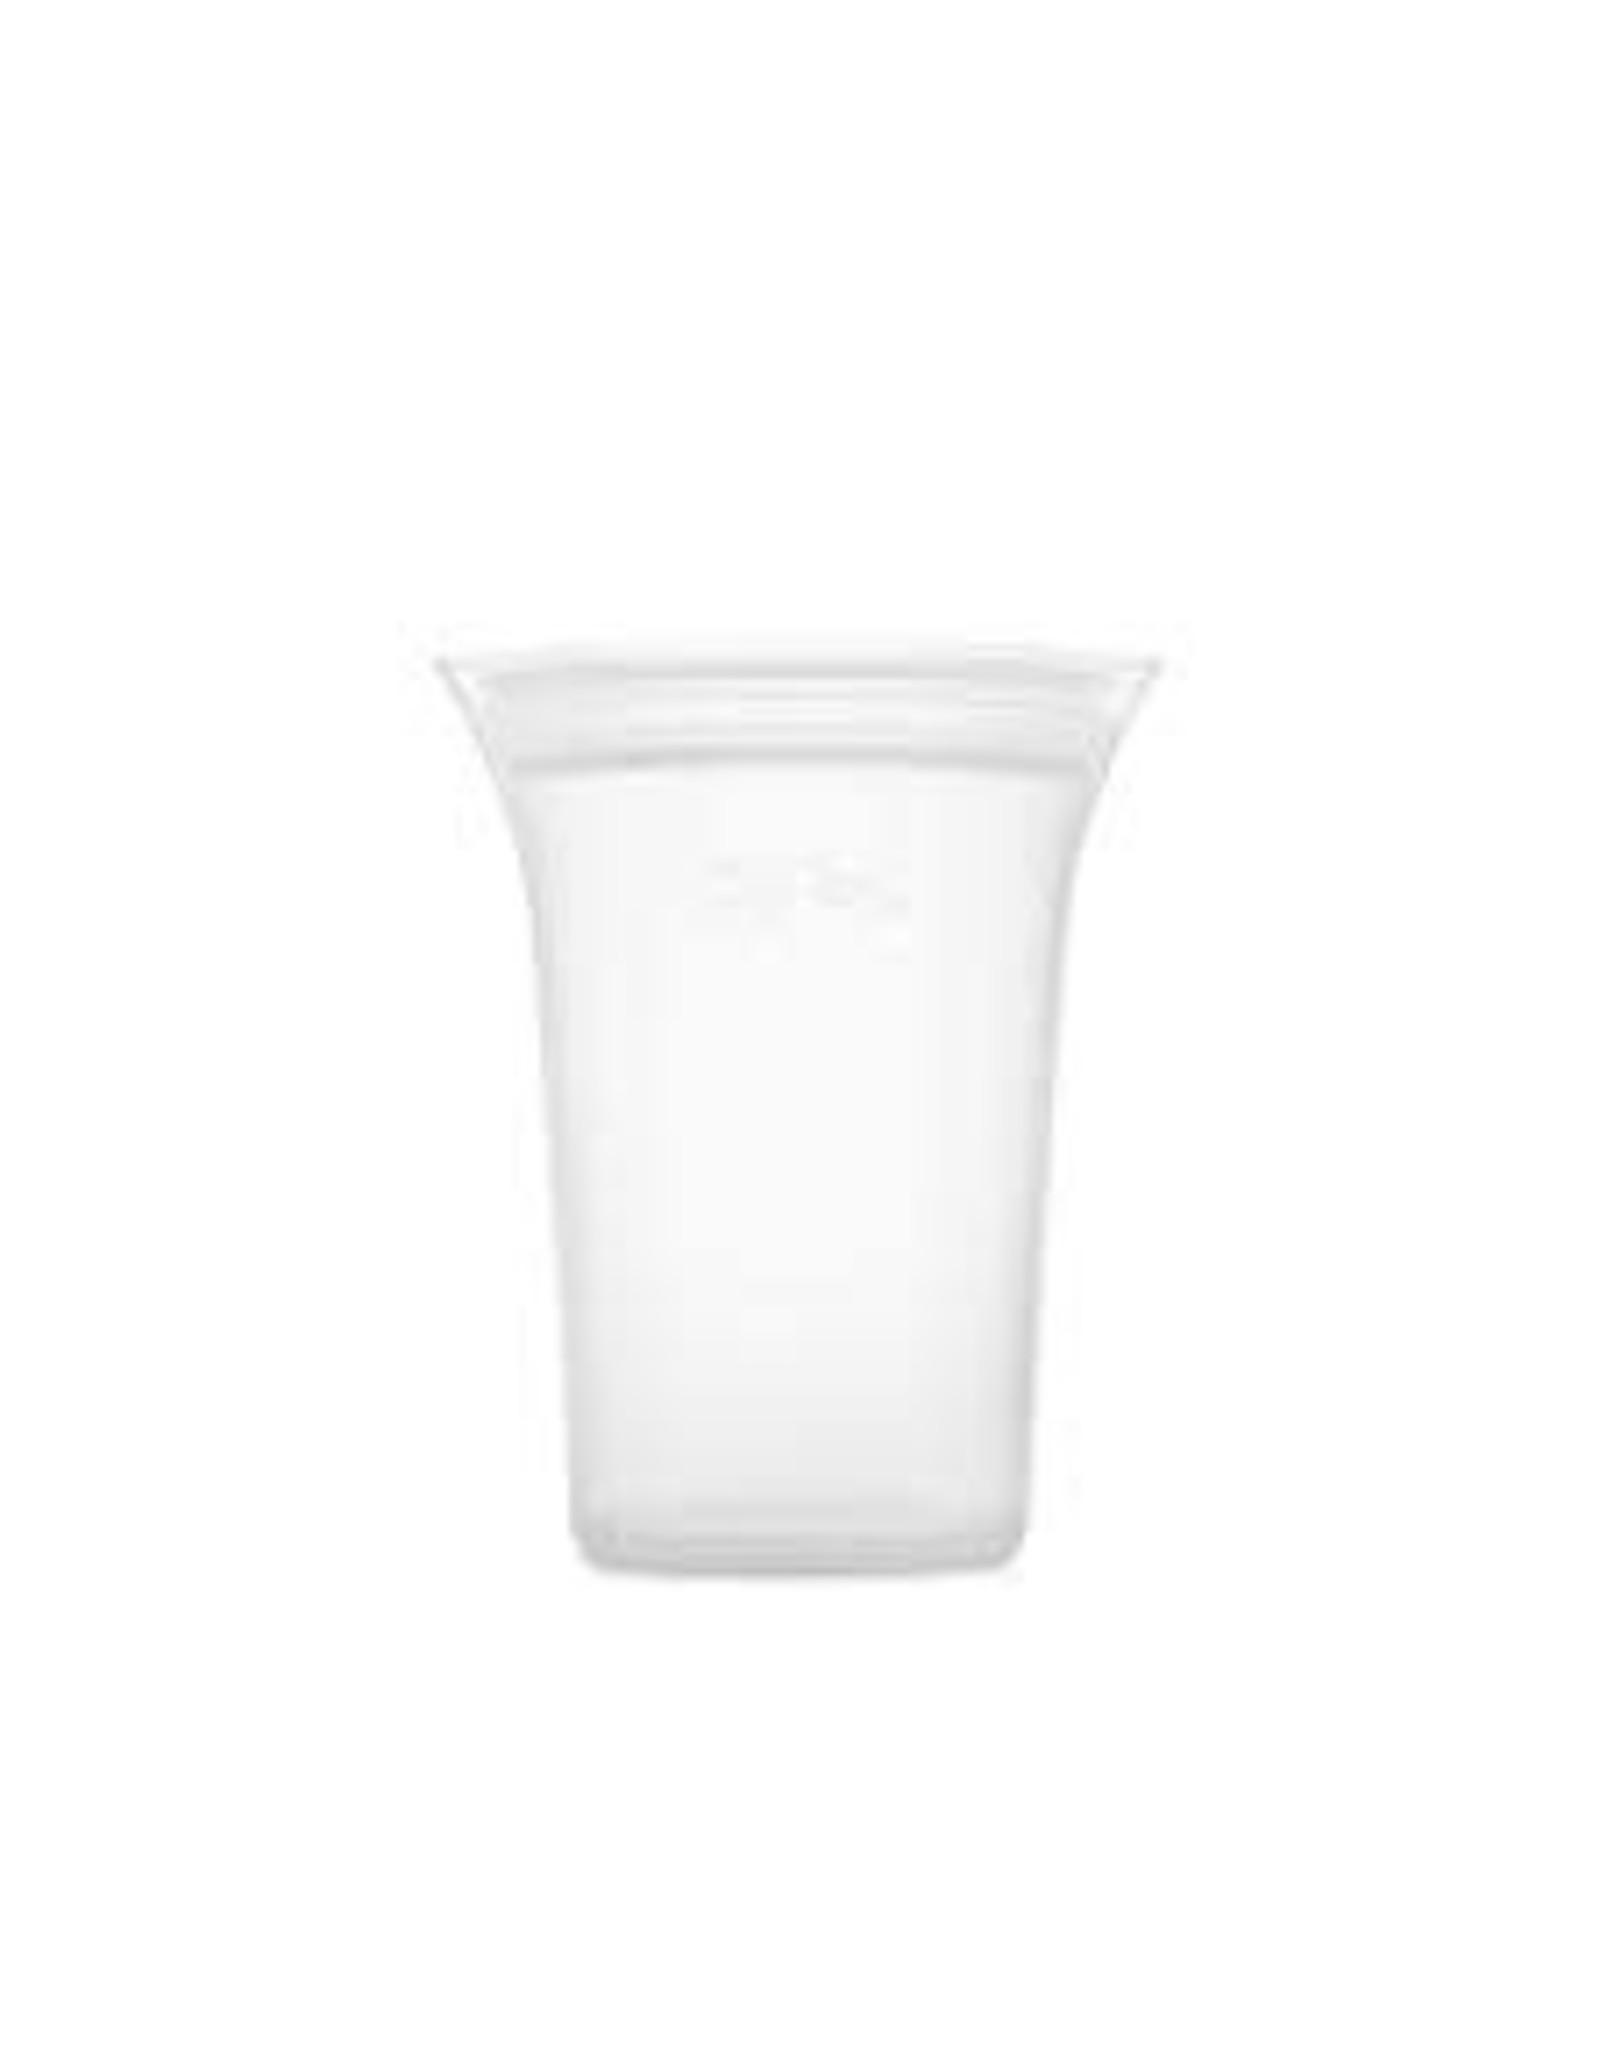 Ziptop Zip Top - Medium Cup - Frost